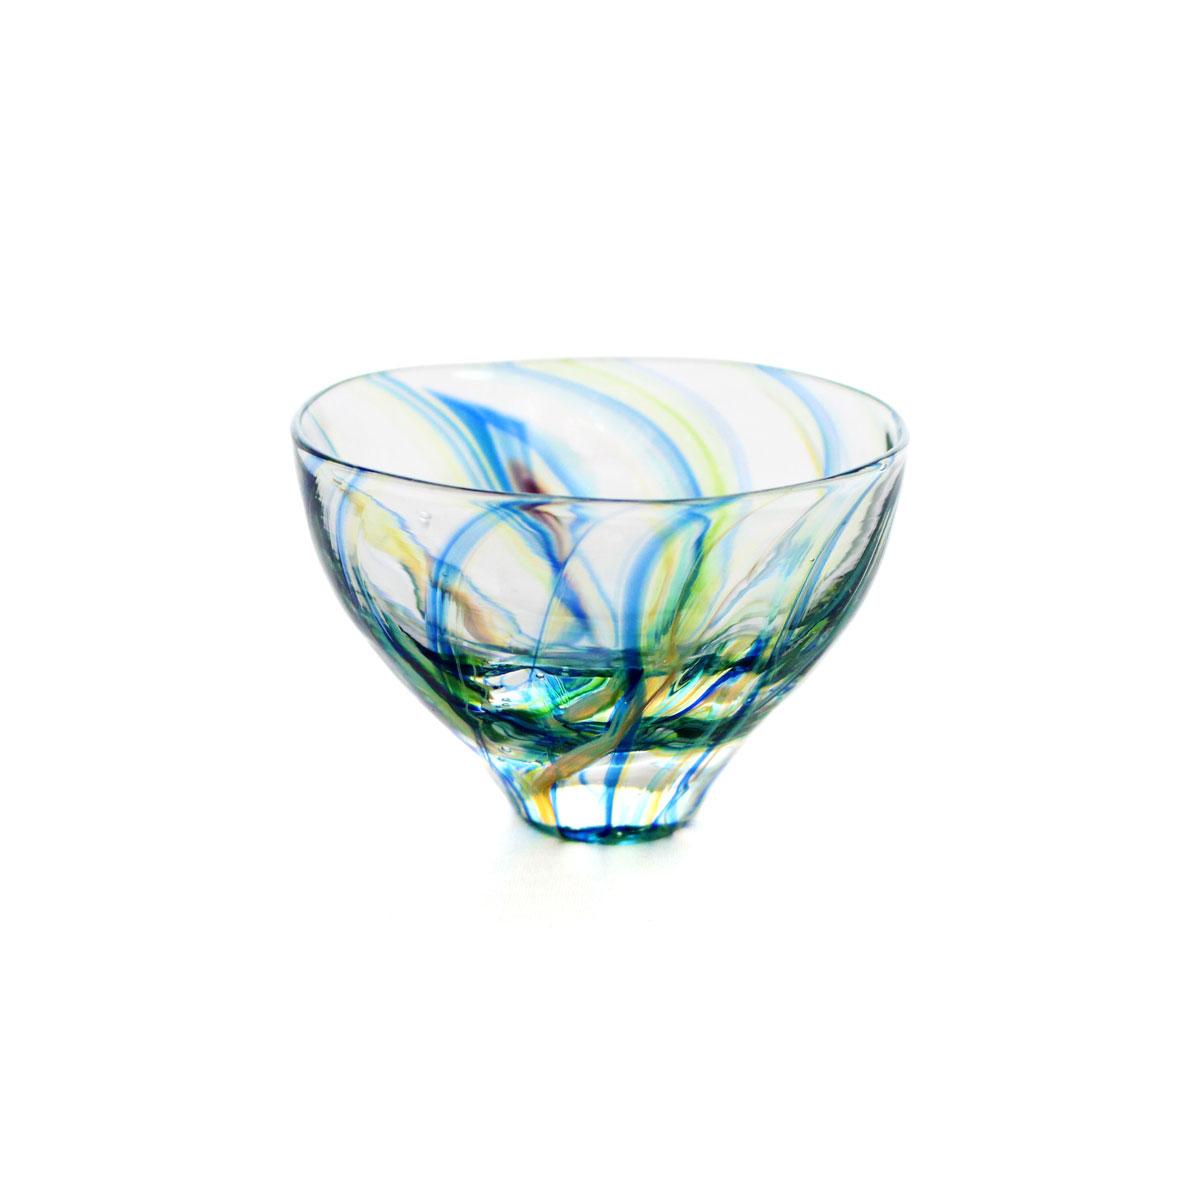 SAIZOU GLASS LABO サイゾウグラスラボ ハンドメイド ガラス酒器 Lotus (ロータス) ぐい呑 冷酒器